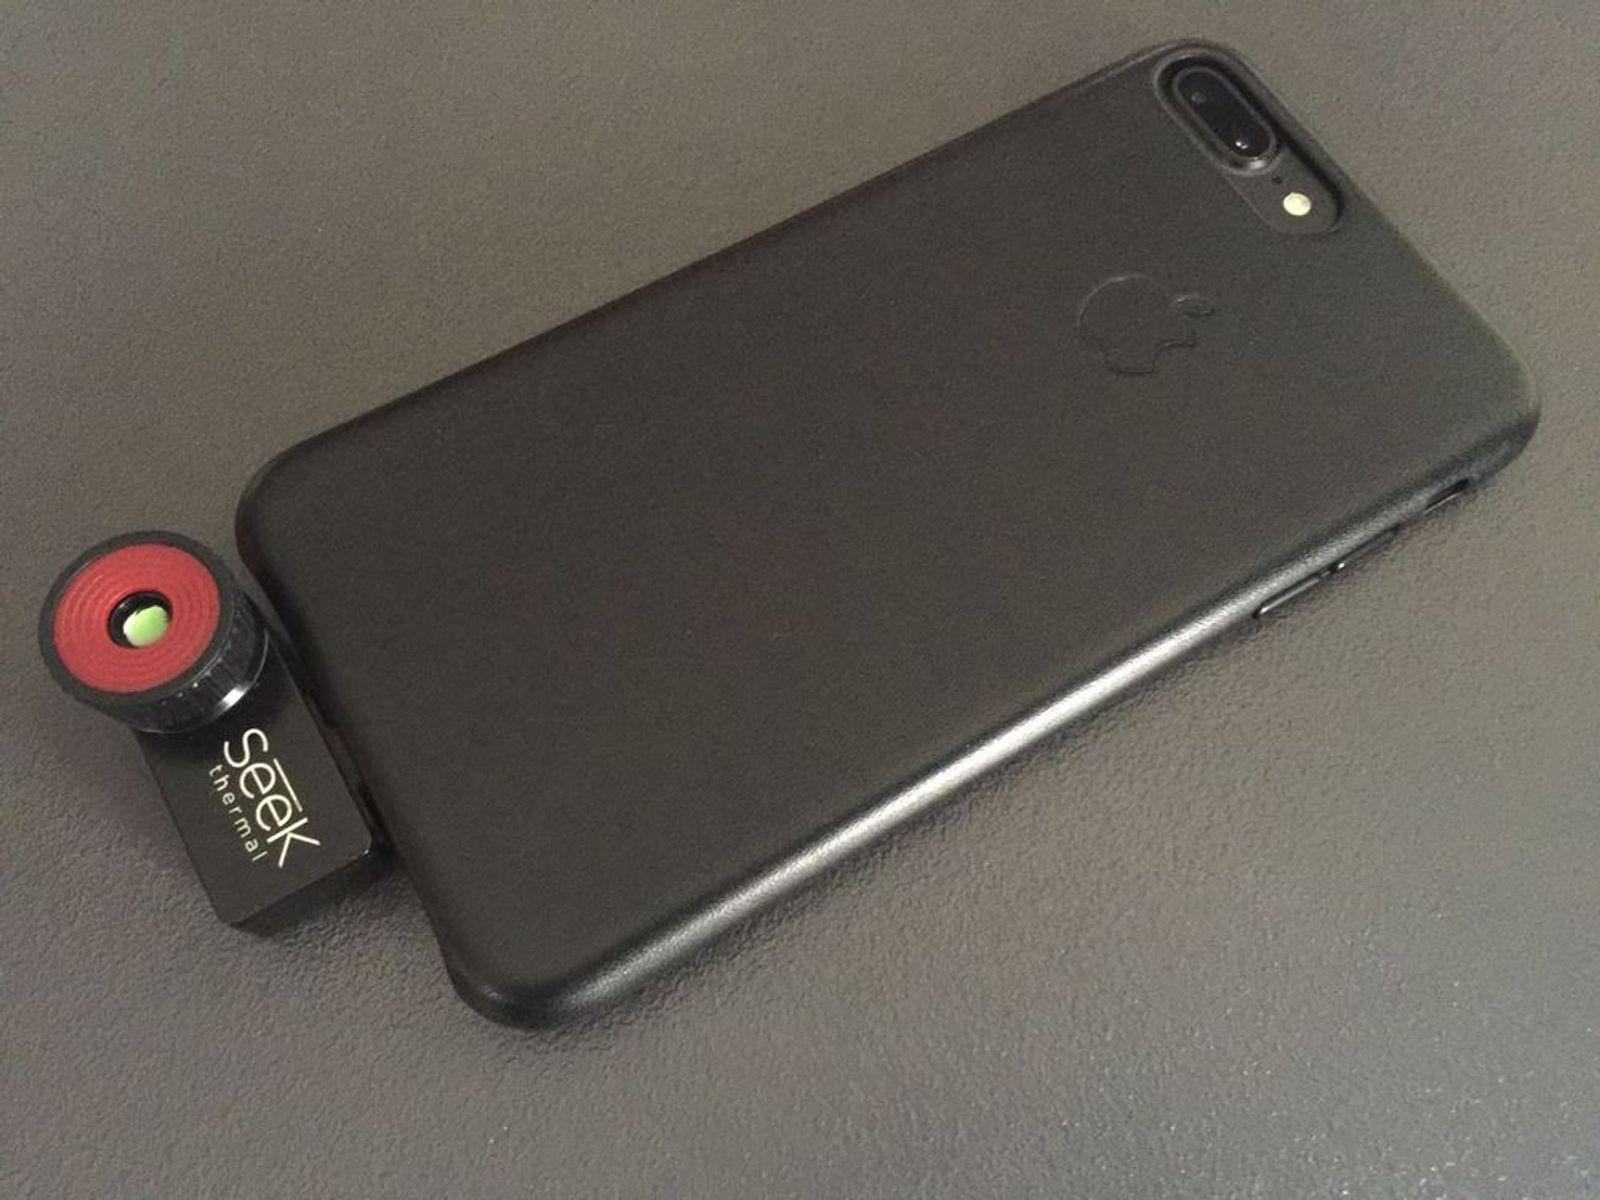 Entfernungsmesser Für Smartphone : Seek thermal compact pro für smartphones os sowie android mini